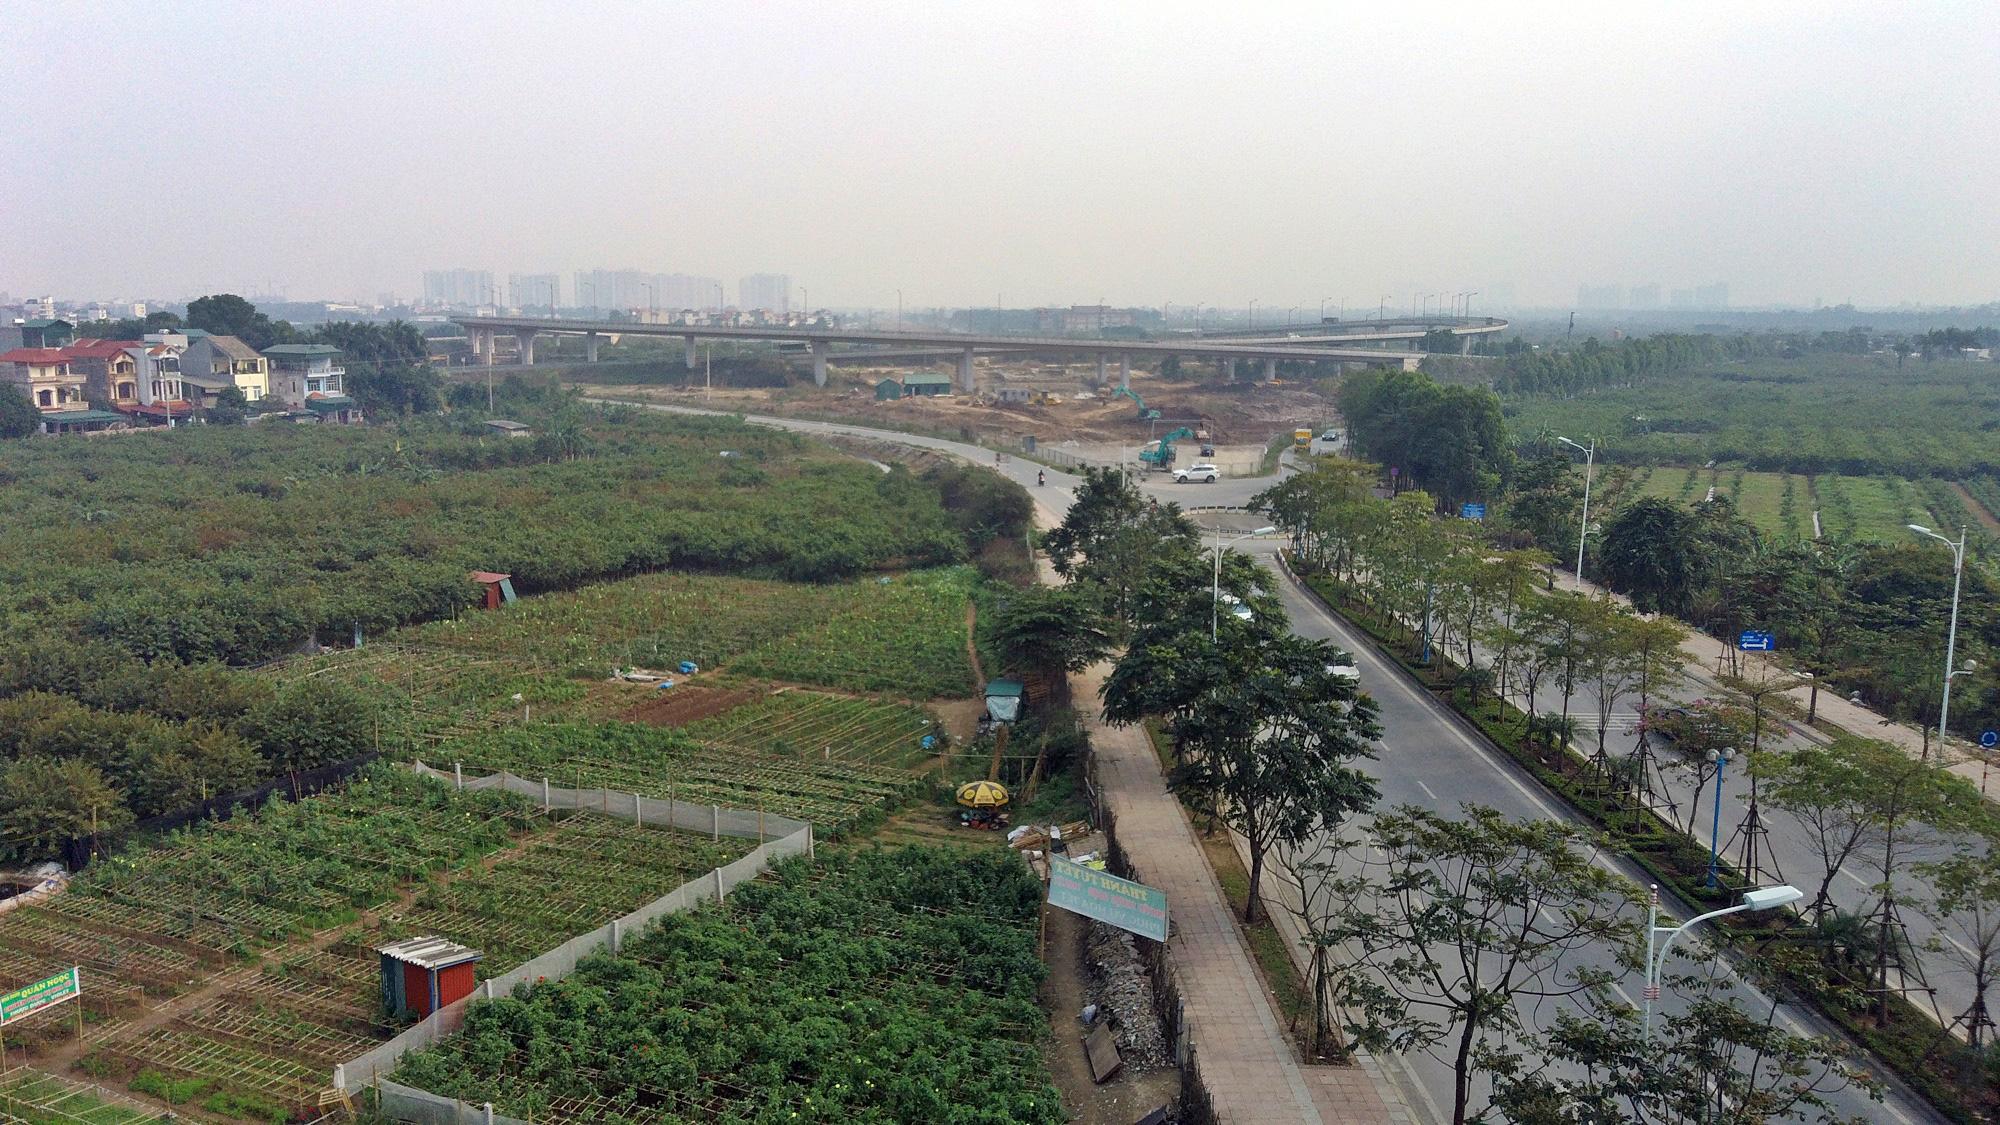 Chuẩn bị lên quận, hạ tầng giao thông huyện Gia Lâm đang thay đổi 'chóng mặt' - Ảnh 2.